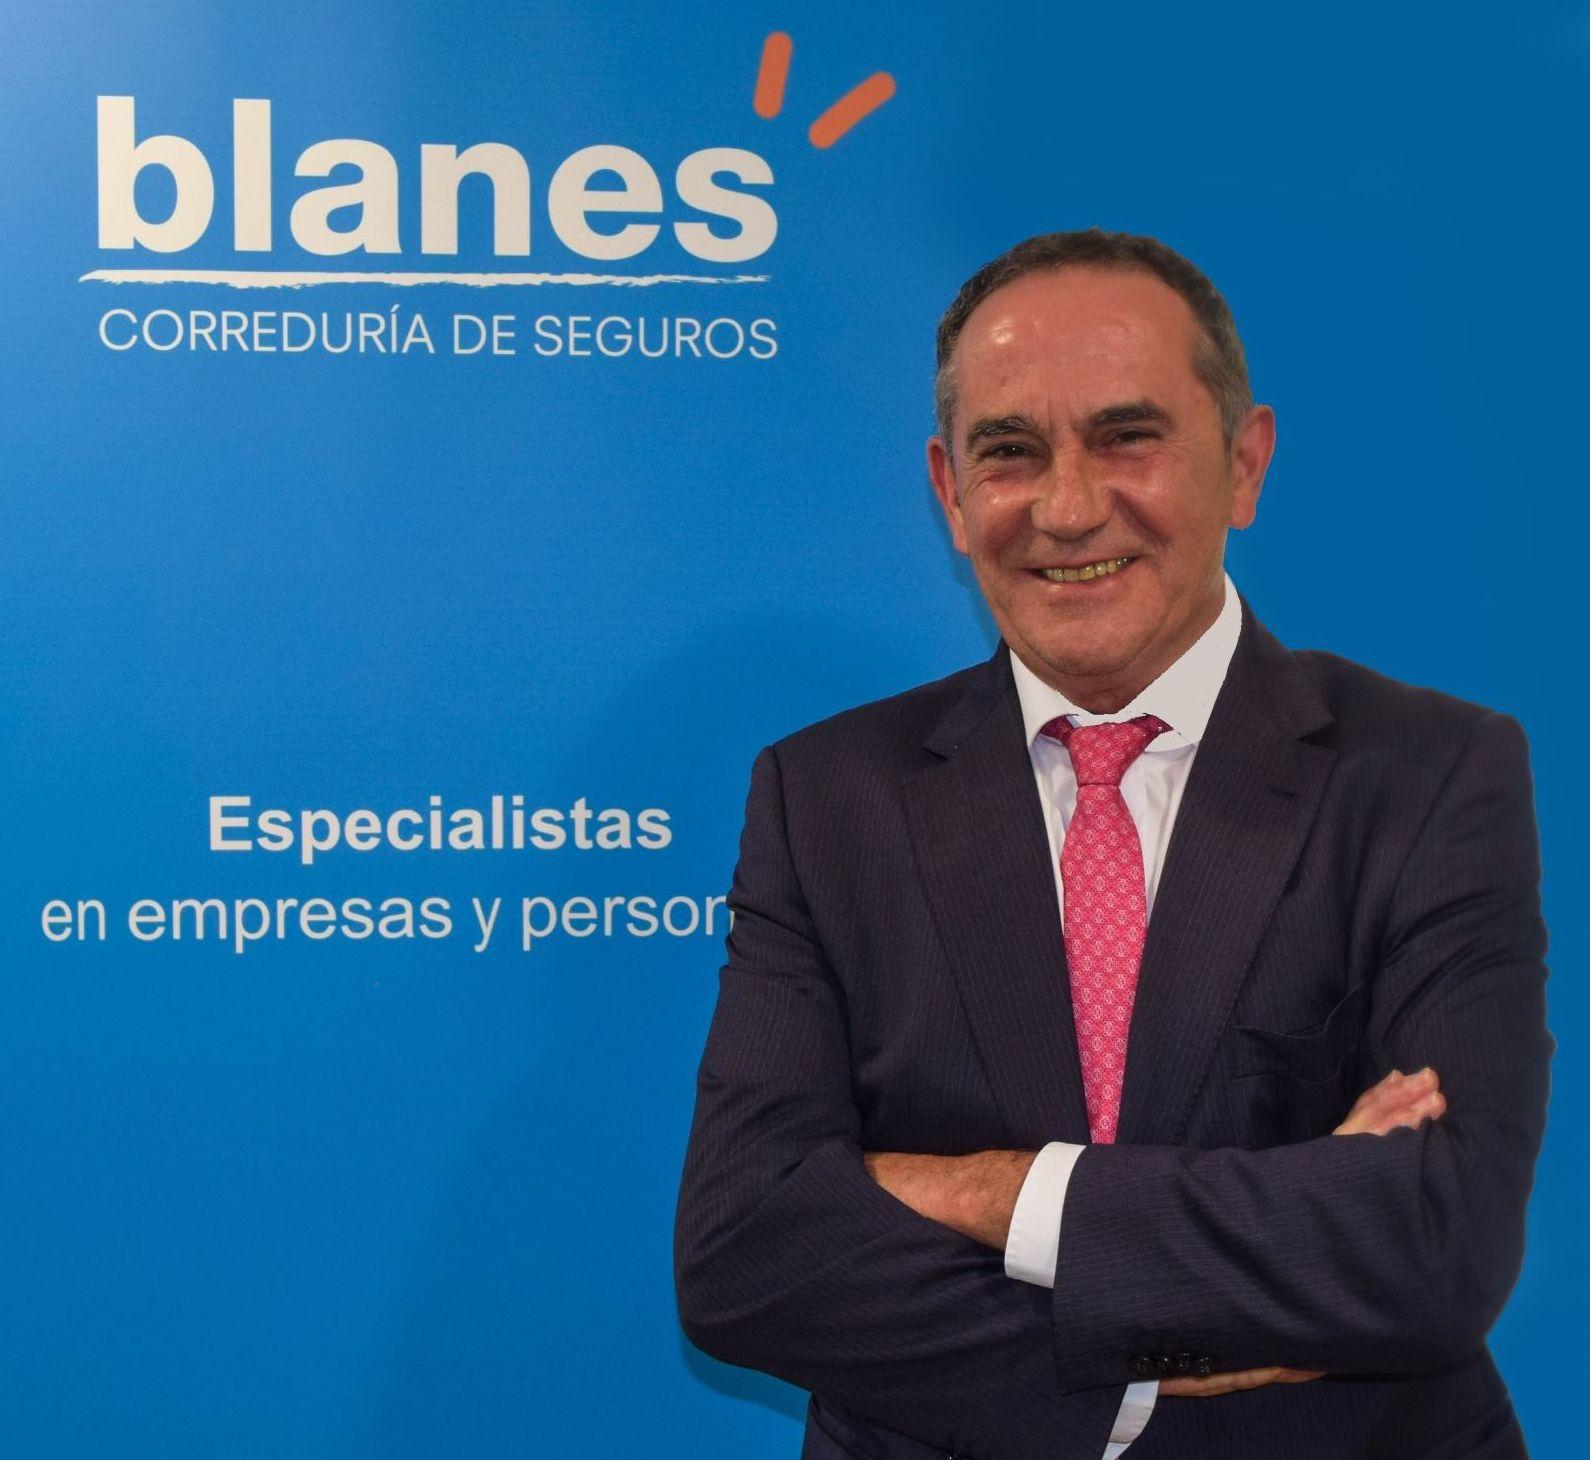 Jose Manuel Blanes Beltrán, Director Gerente de Blanes OTS Correduría de Seguros, S.L.